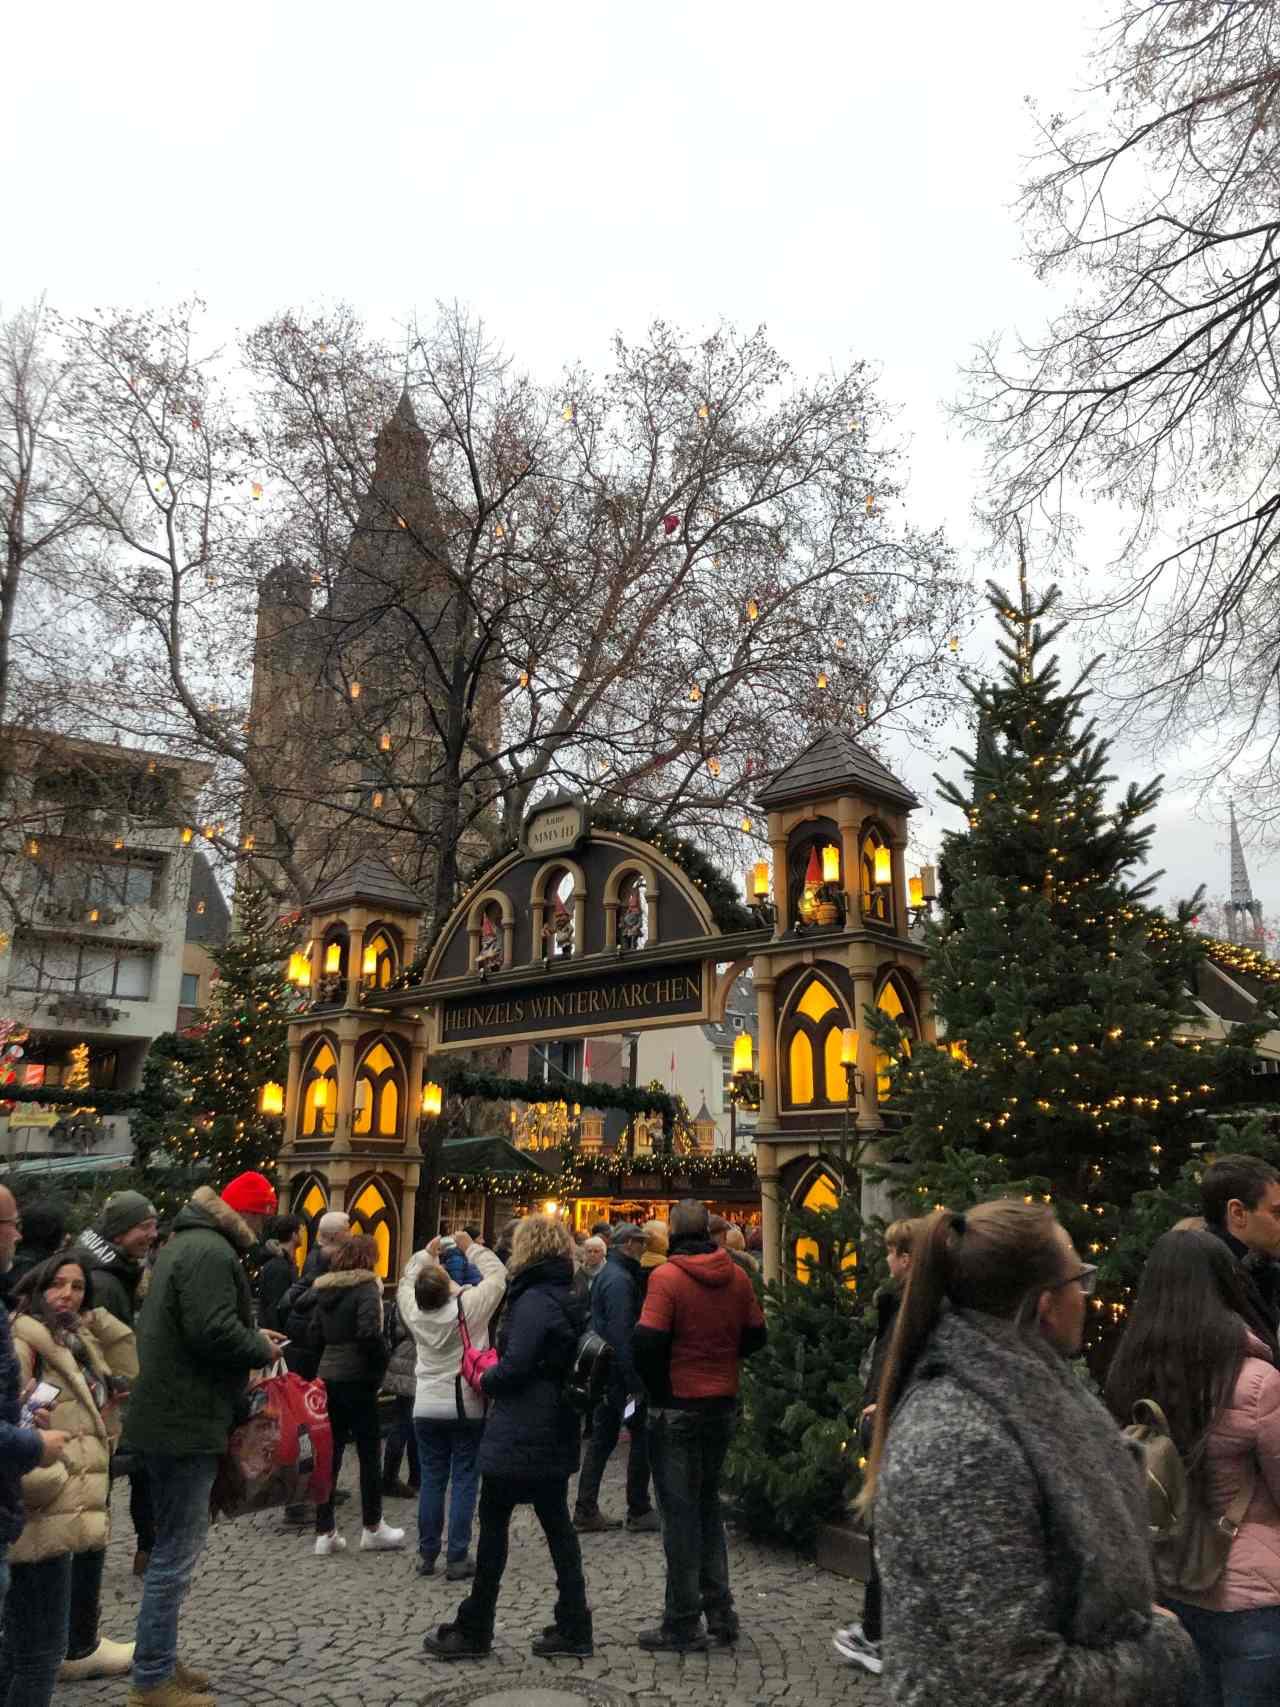 Old market Cologne